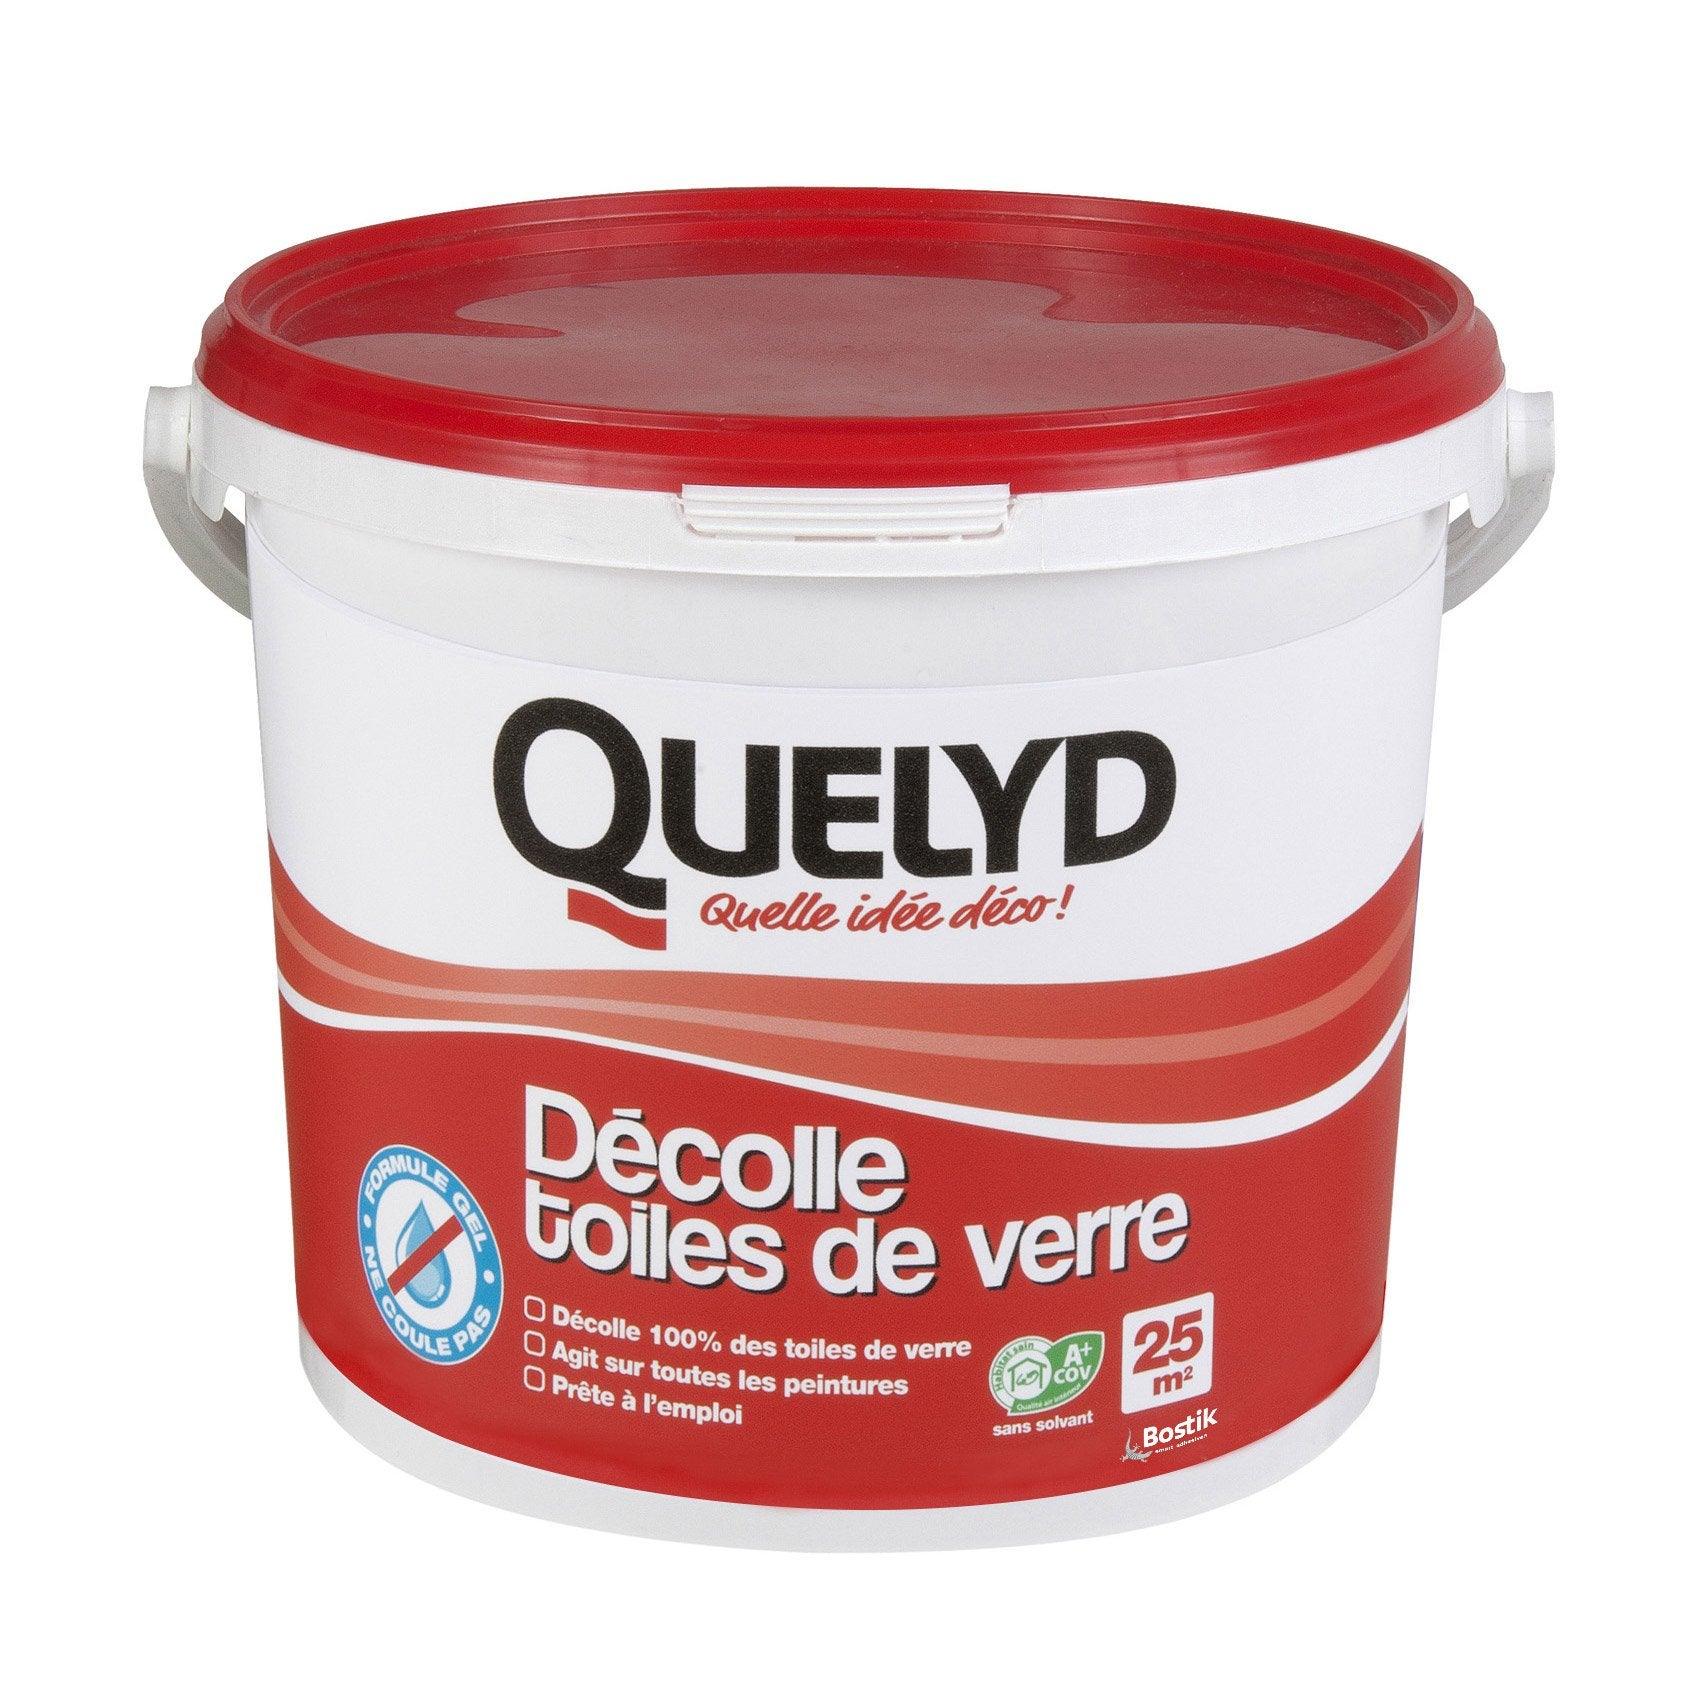 Décoller Papier Peint Produit décolleur toile de verre toile de verre quelyd, 5 kg